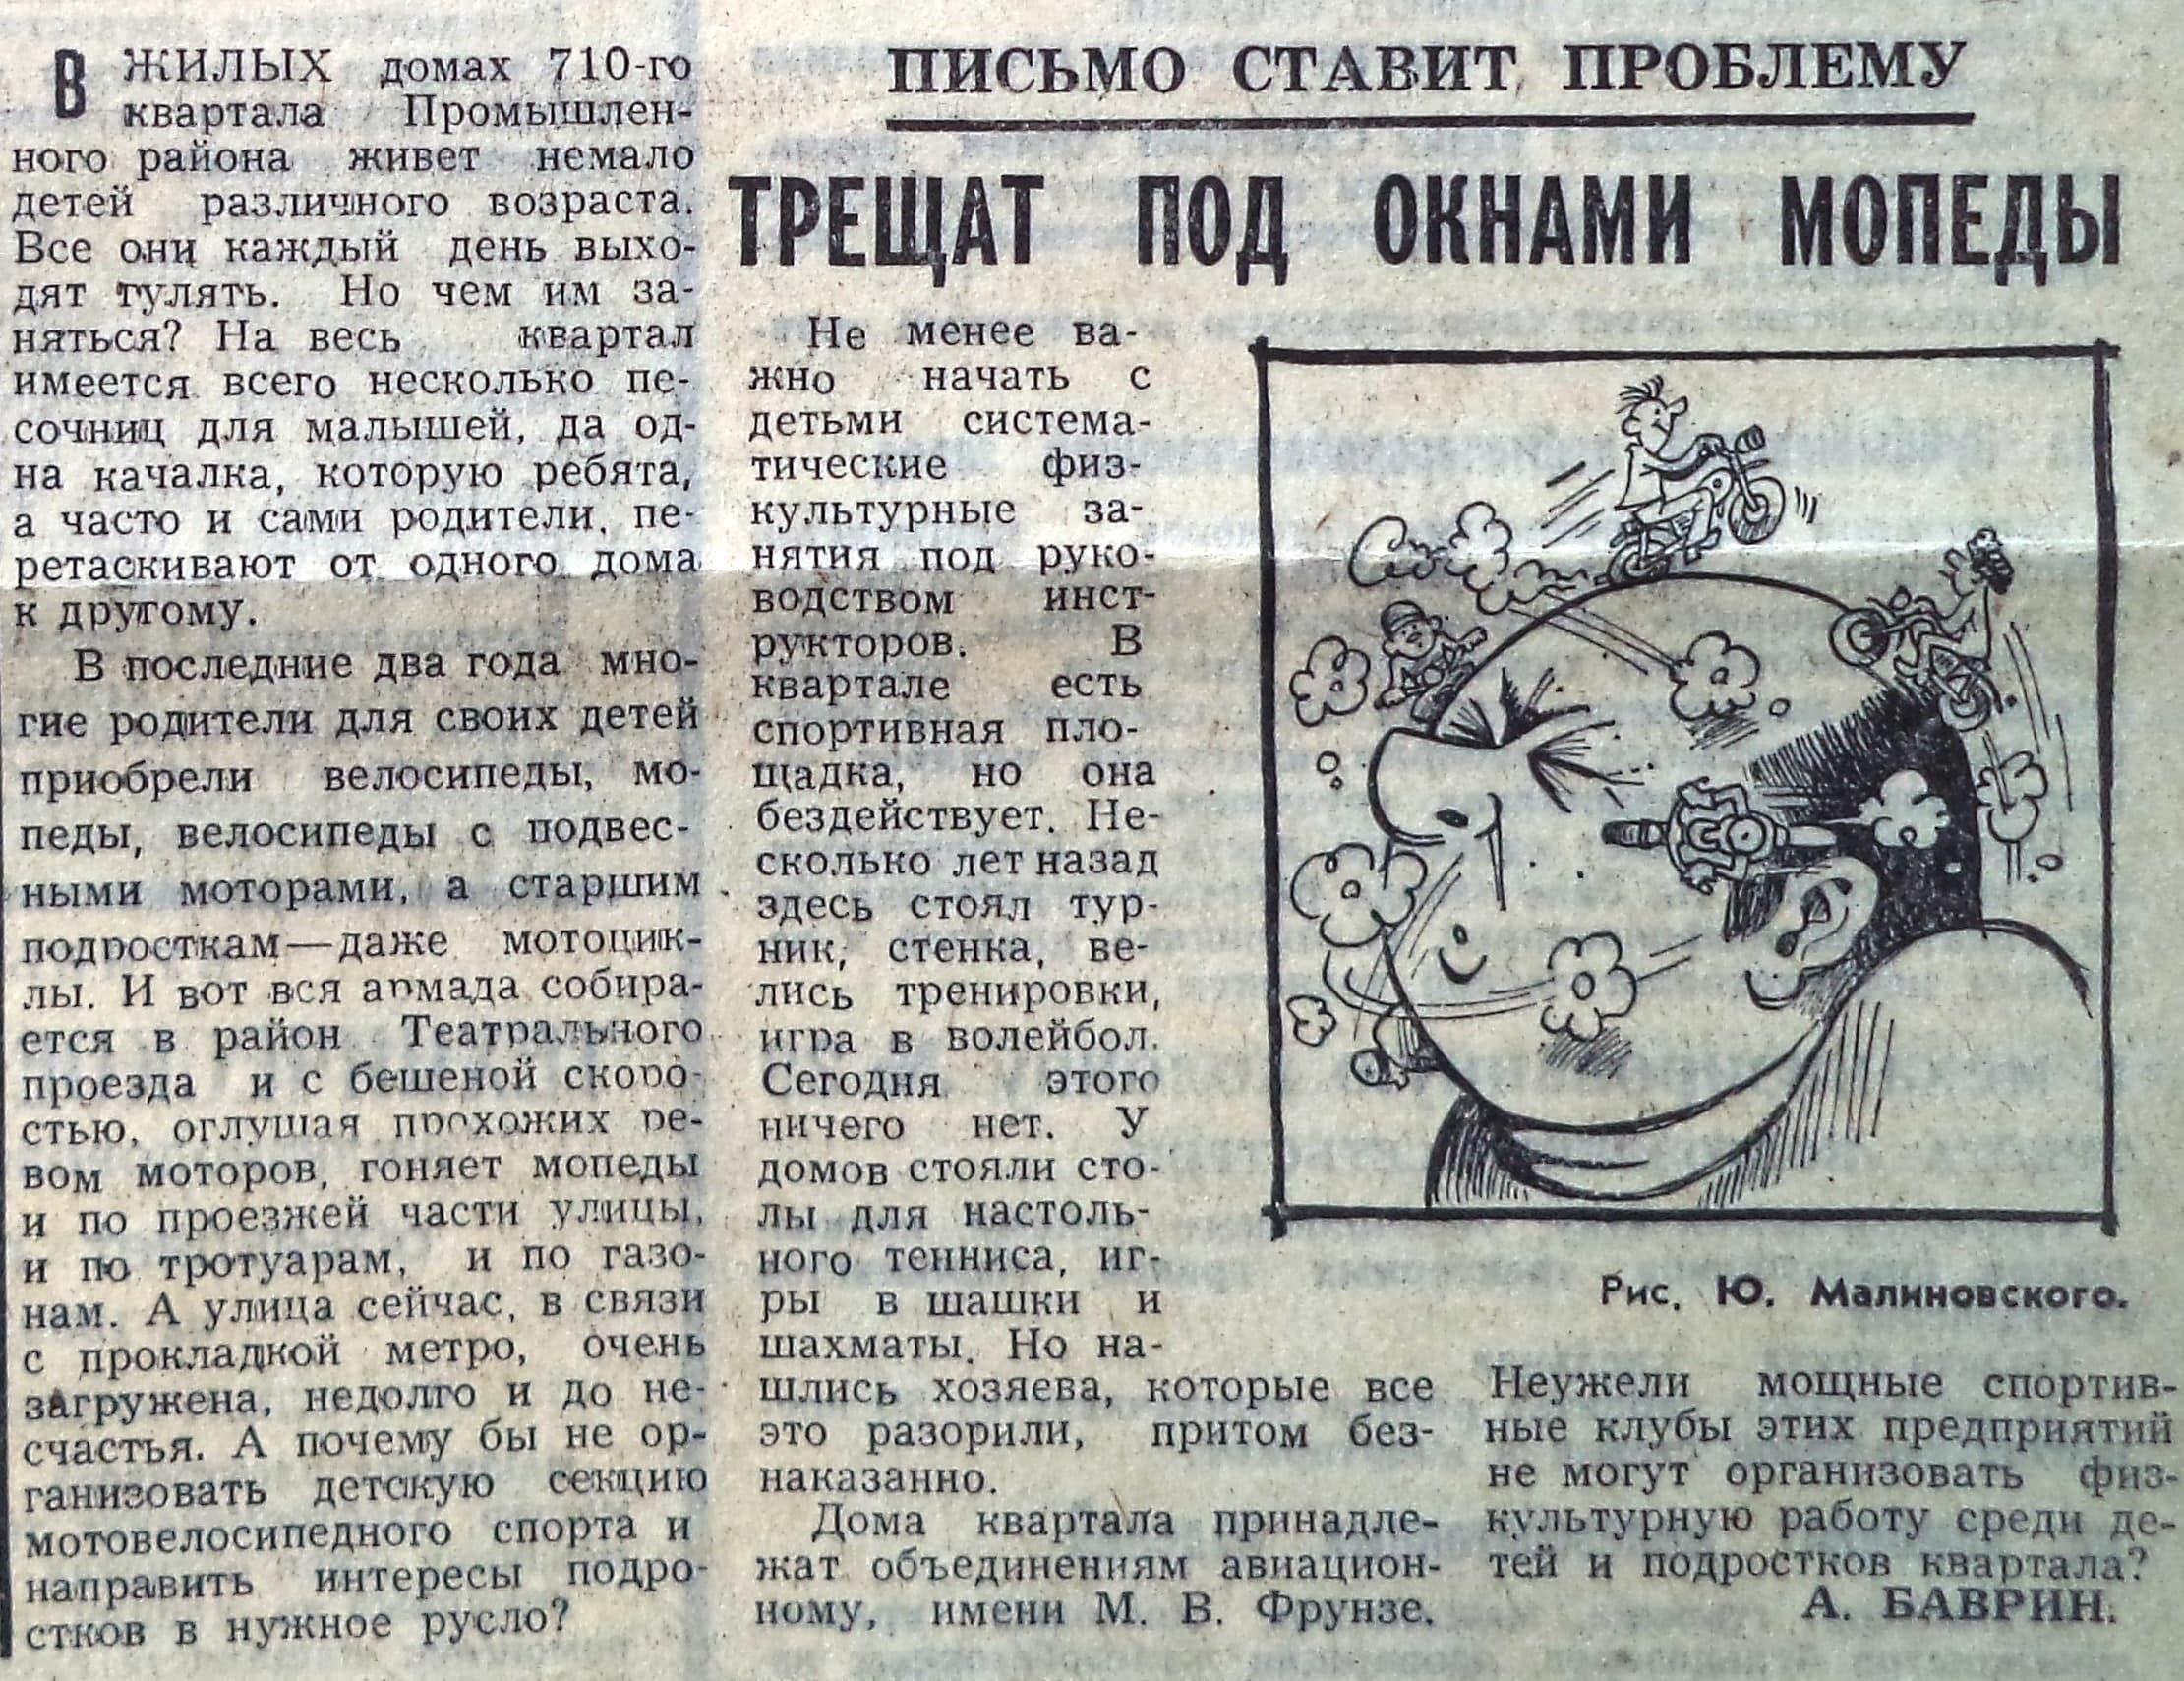 Театральный-ФОТО-16-ВЗя-1982-08-24-неблаг-во на Театр. пр.-min